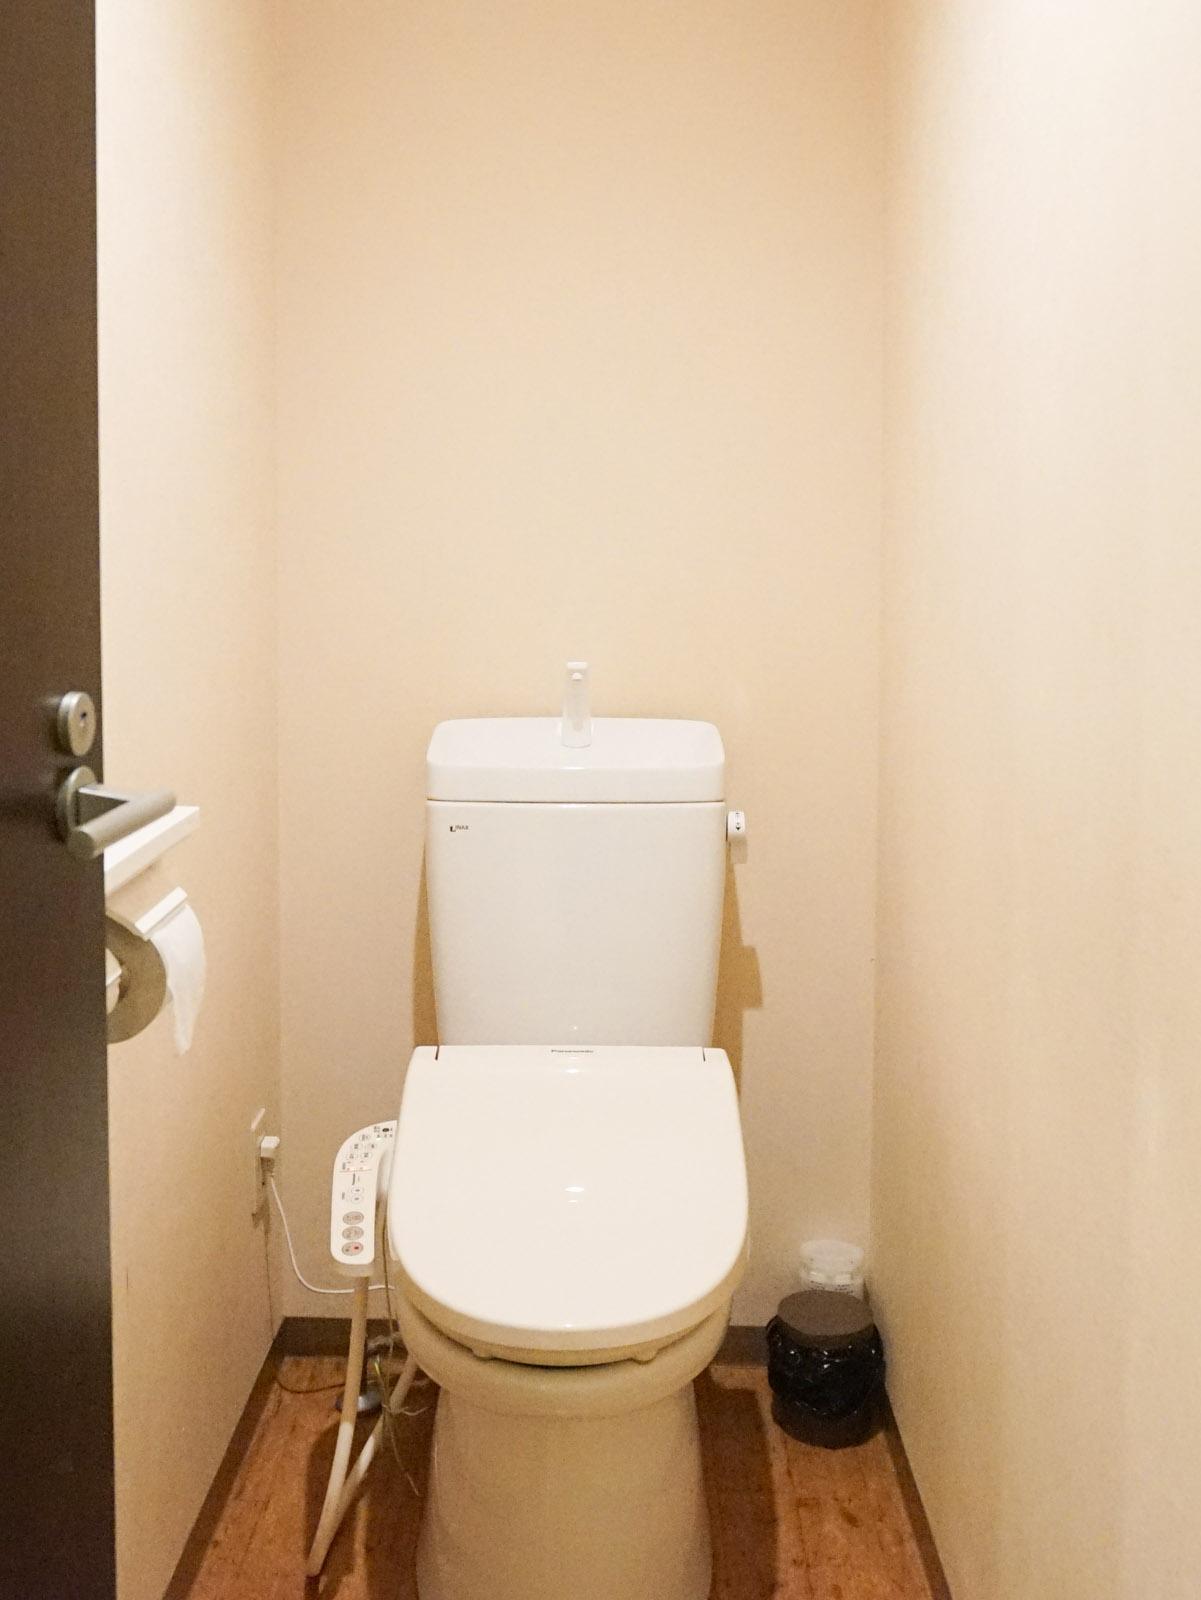 トイレも清潔な雰囲気。ウォシュレット完備です。